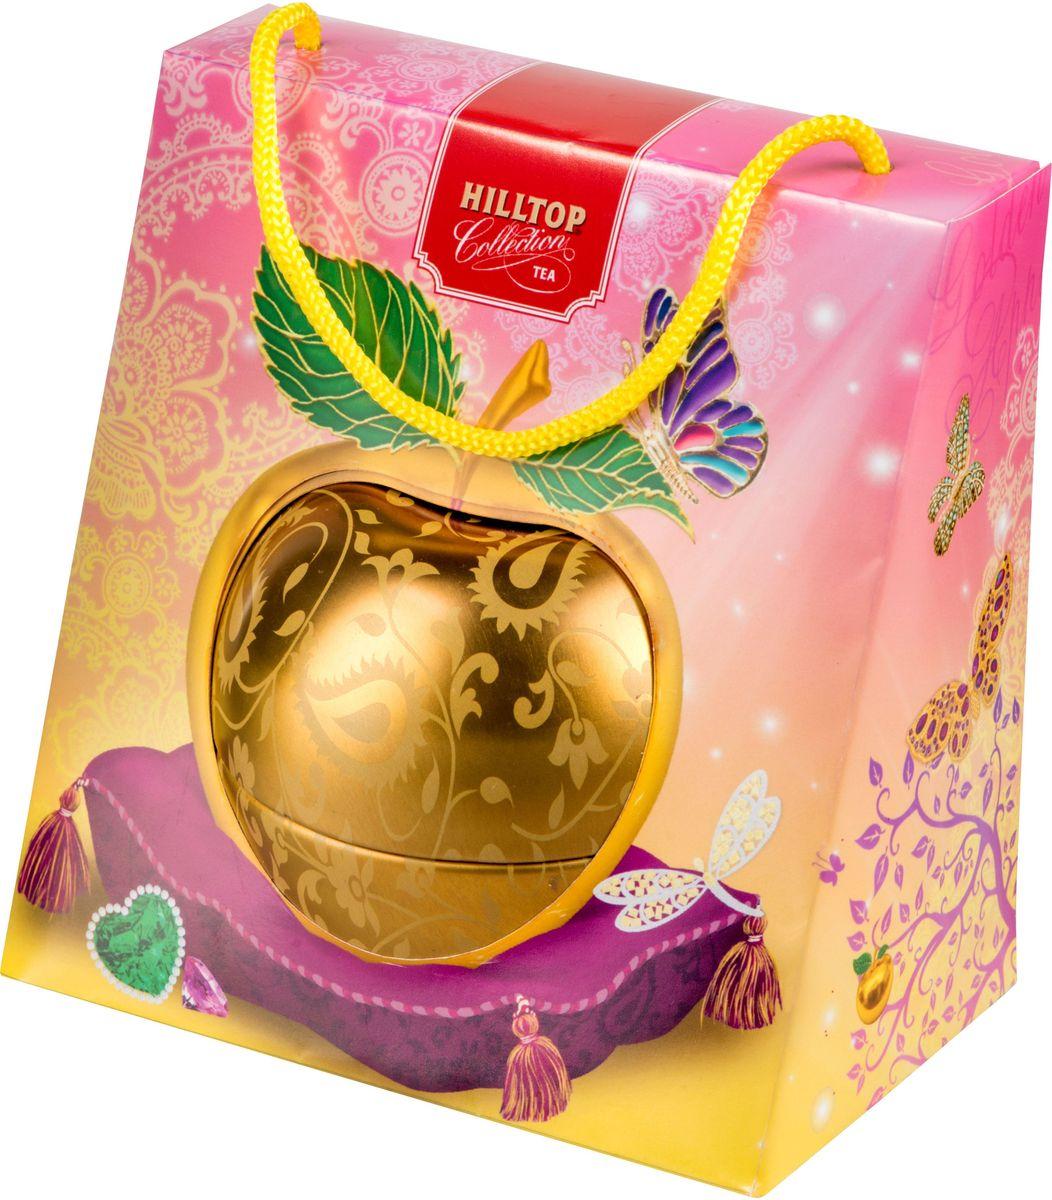 Hilltop Золотое яблочко Королевское золото черный листовой чай, 50 г4607099305793Hilltop Золотое яблочко Королевское золото - черный чай стандарта Супер Пеко с лучших плантаций Цейлона. Выращен в экологически чистой зоне. Настой с глубоким золотистым цветом и изумительным ароматом послужит великолепным дополнением к праздничному столу, а благодаря красивой праздничной упаковке вы можете подарить этот прекрасный чай своим друзьям и близким.